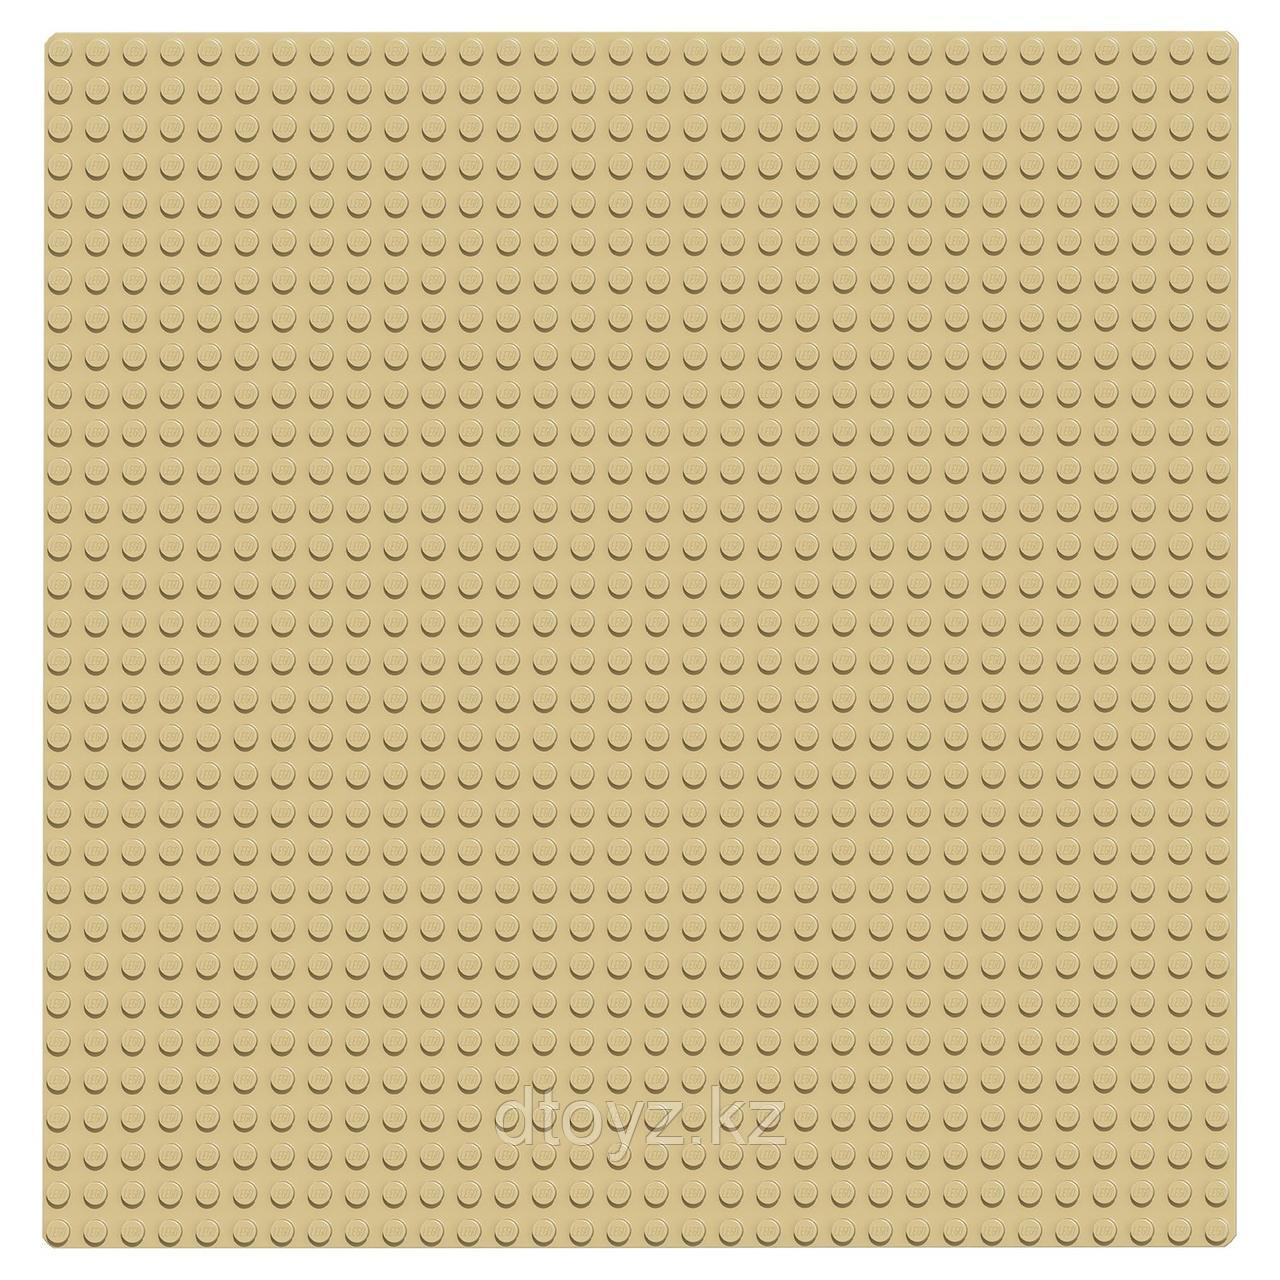 Lego Classic 10699 Строительная пластина желтого цвета Лего Классик